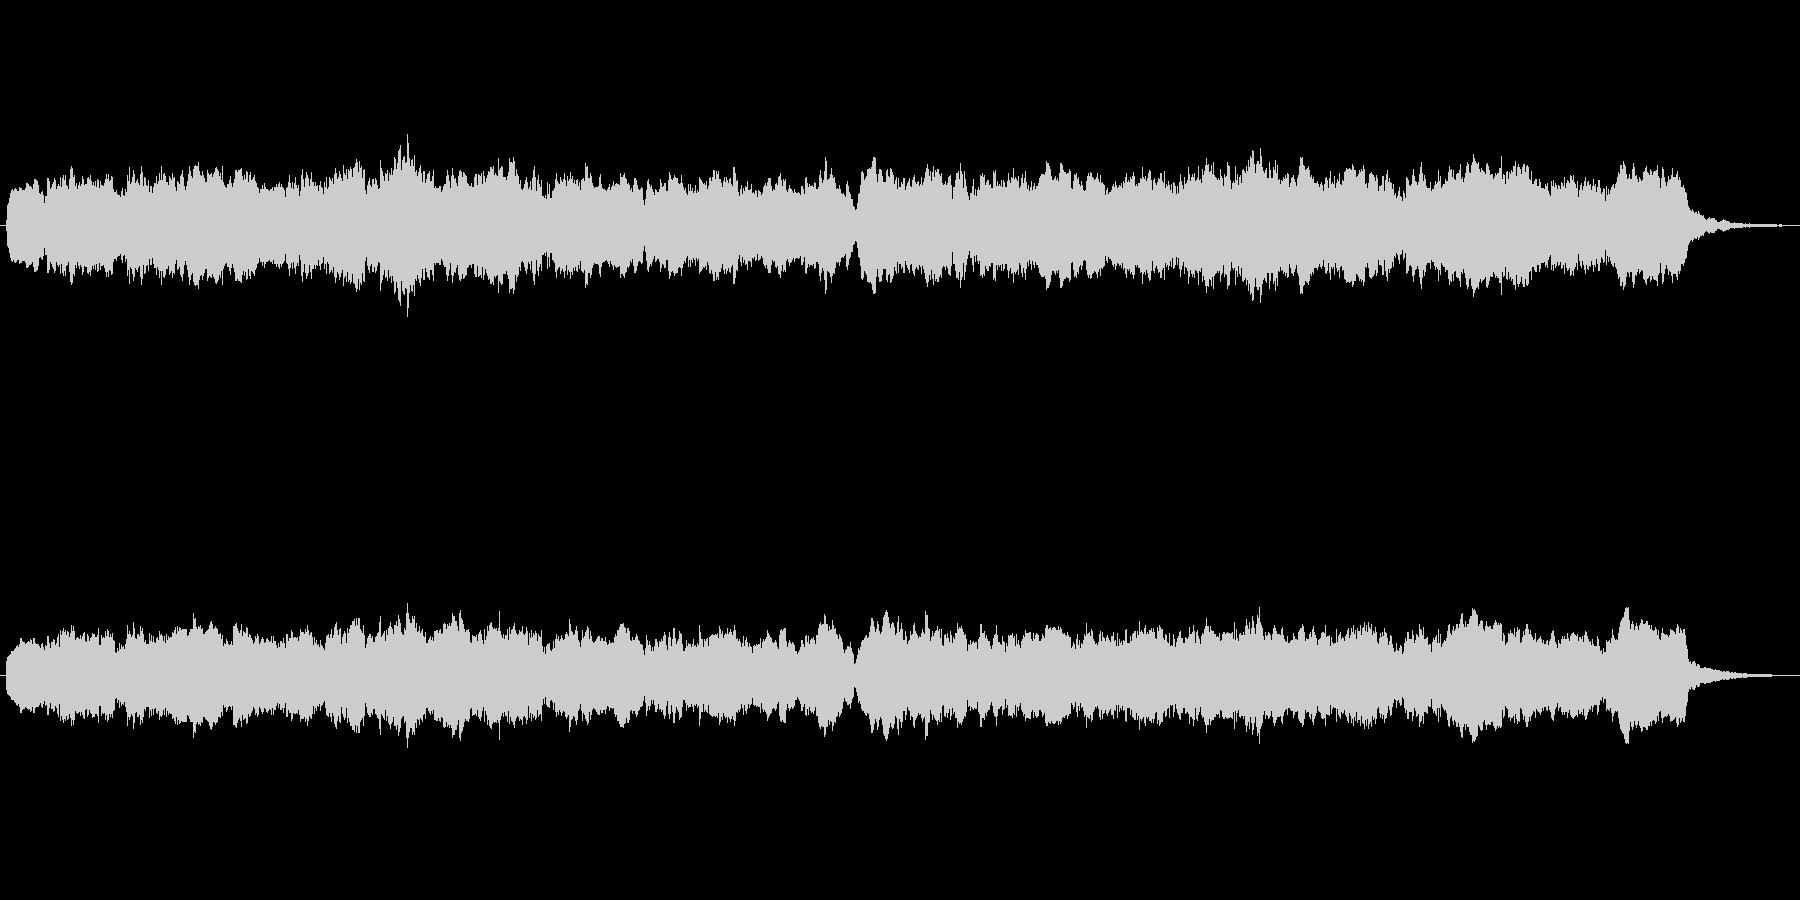 チェロとチェレスタの優しい赤ちゃん音楽の未再生の波形